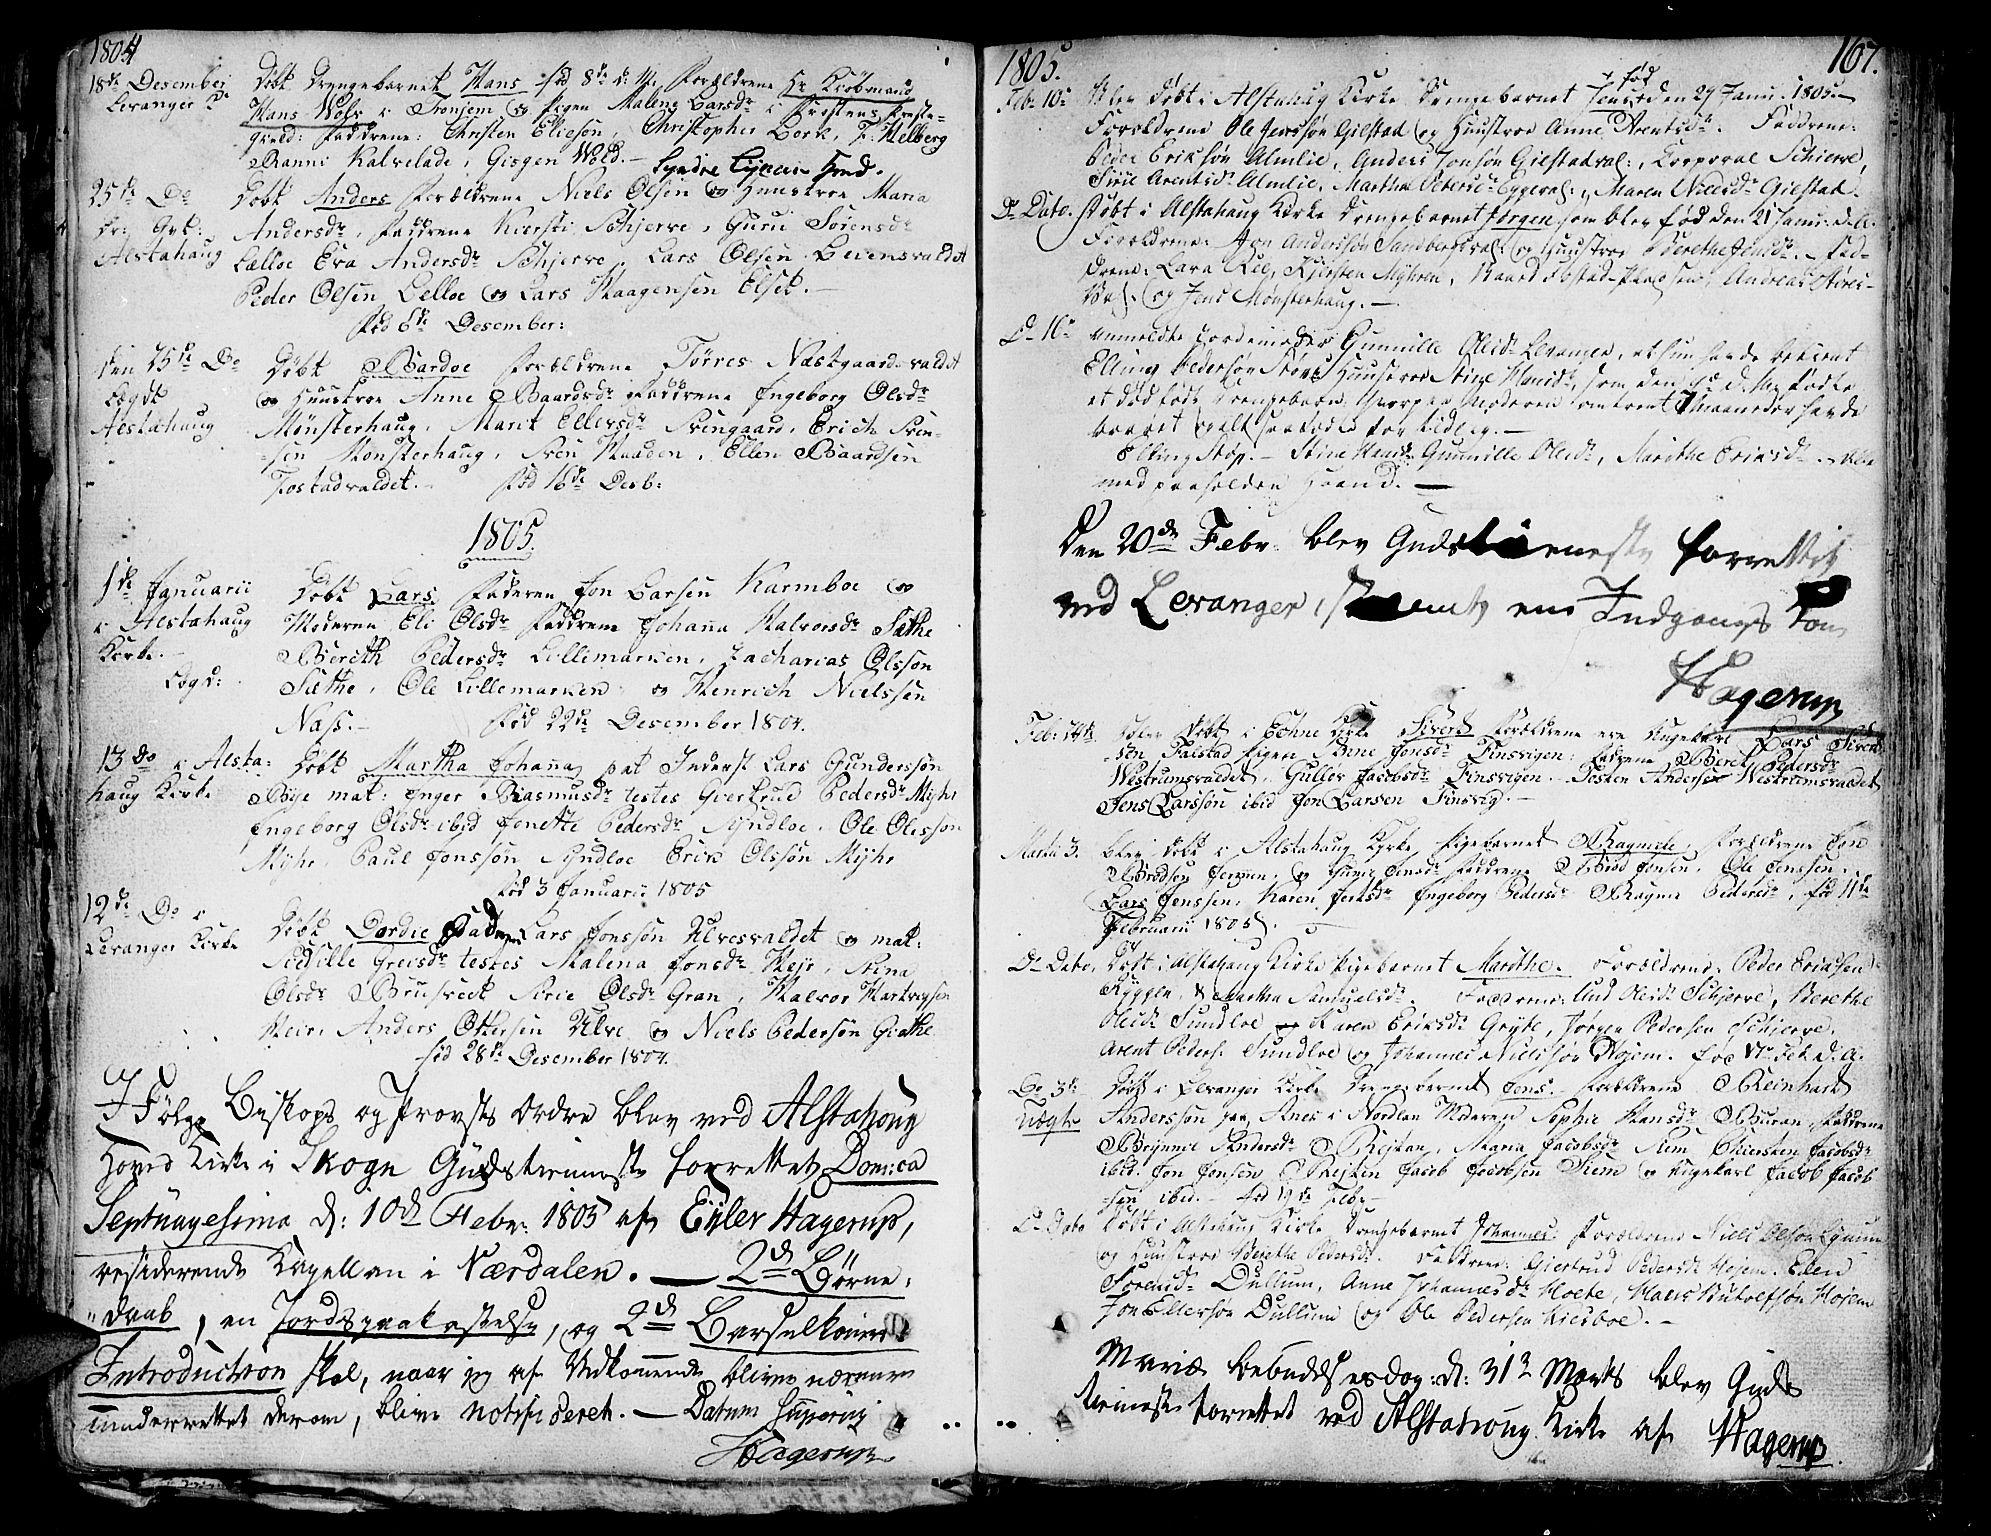 SAT, Ministerialprotokoller, klokkerbøker og fødselsregistre - Nord-Trøndelag, 717/L0142: Ministerialbok nr. 717A02 /1, 1783-1809, s. 167